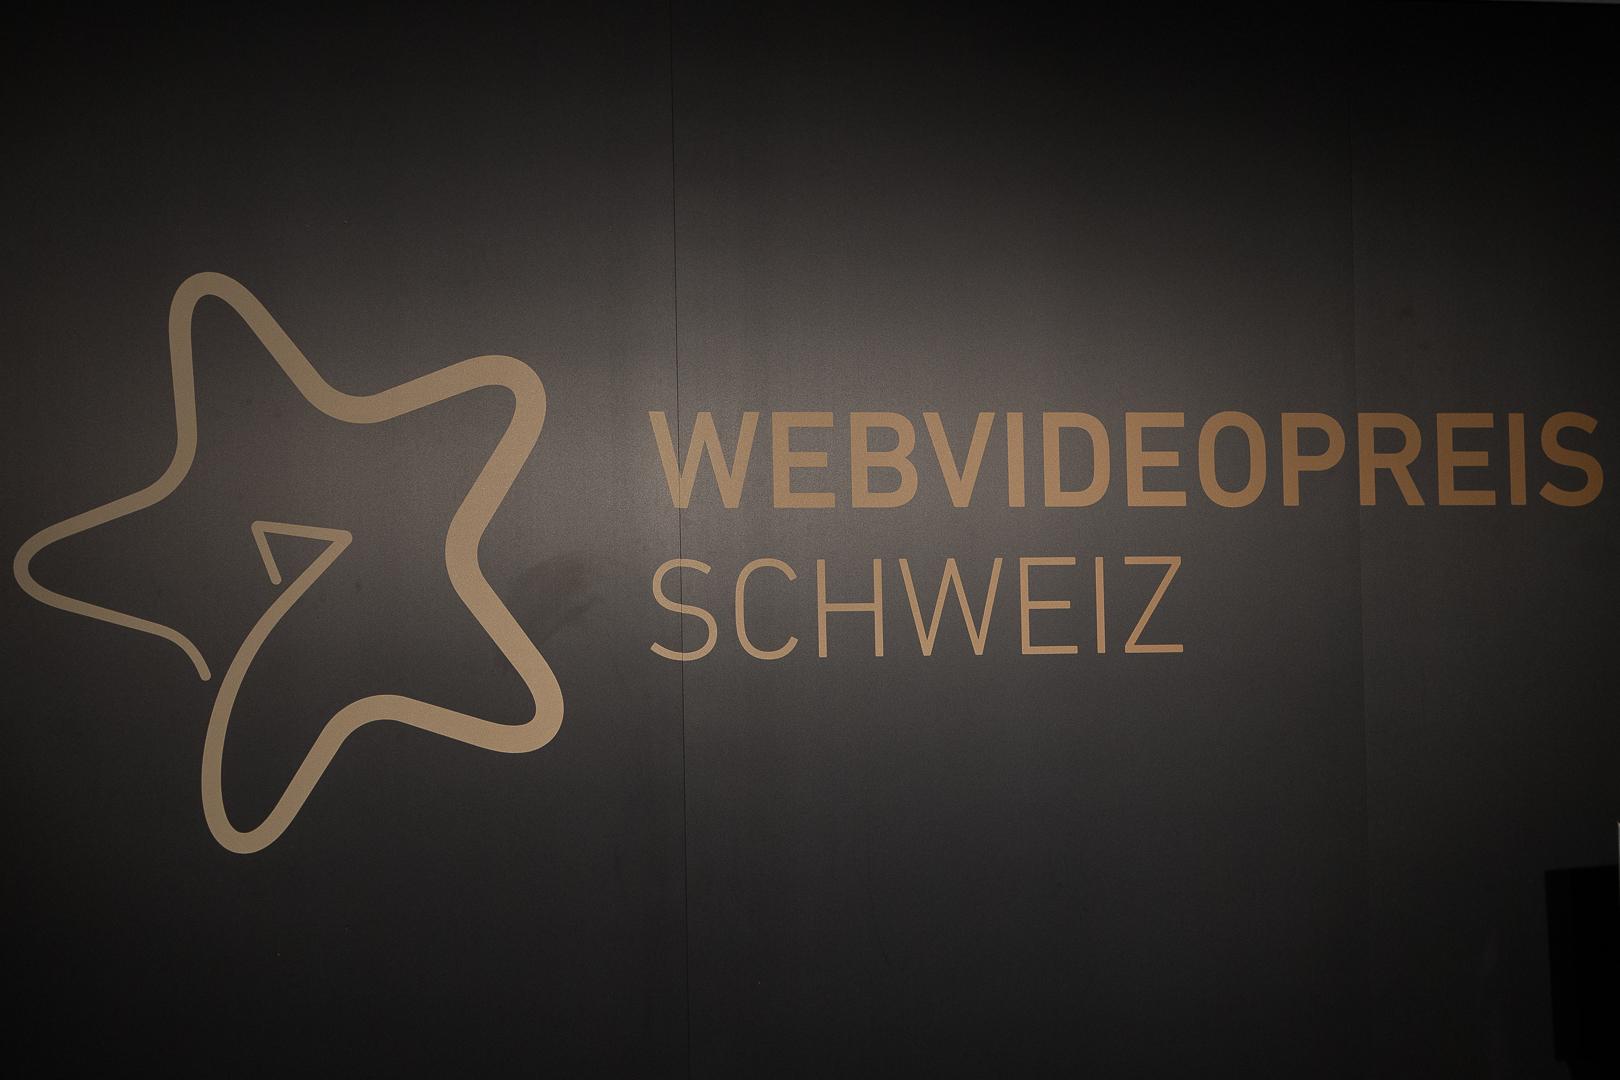 webvideopreis-schweiz-2016-6-1